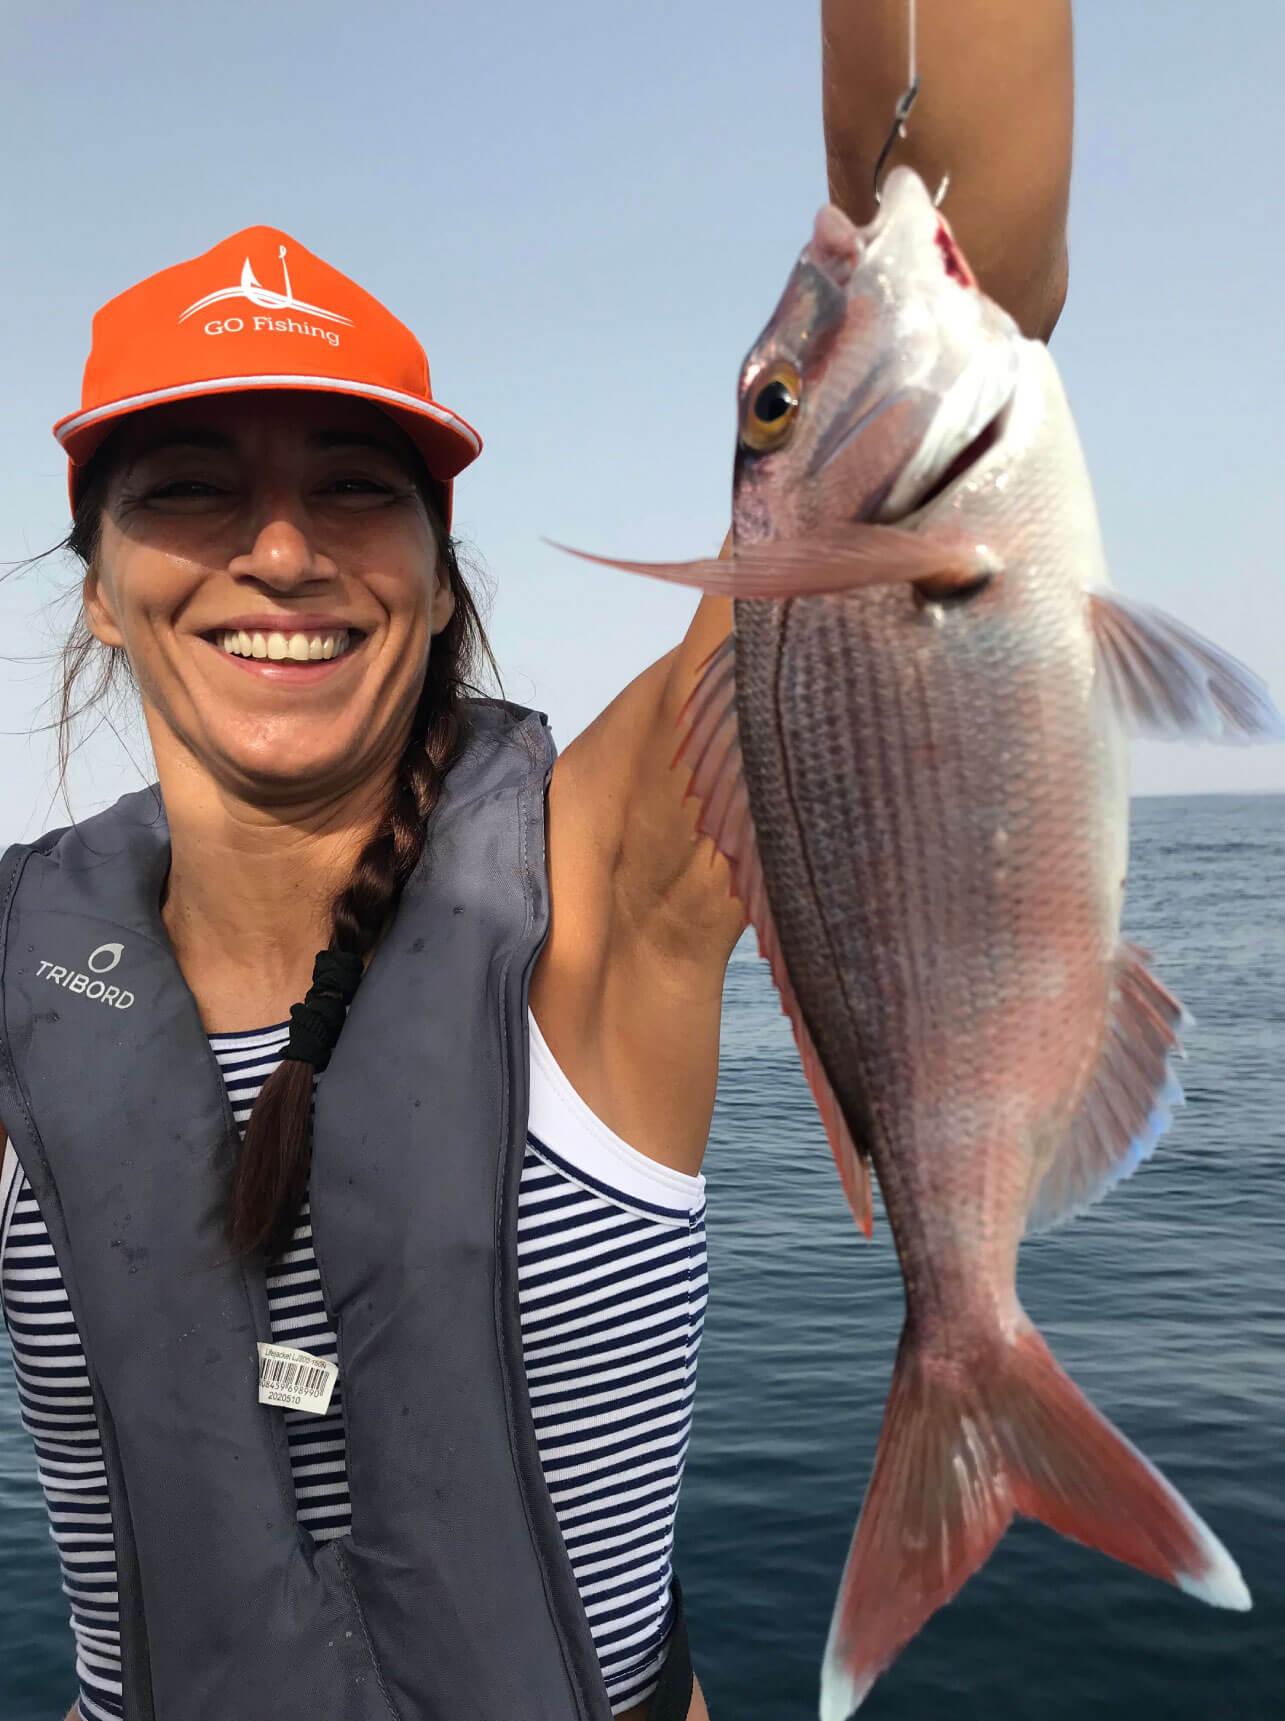 GO Fishing III